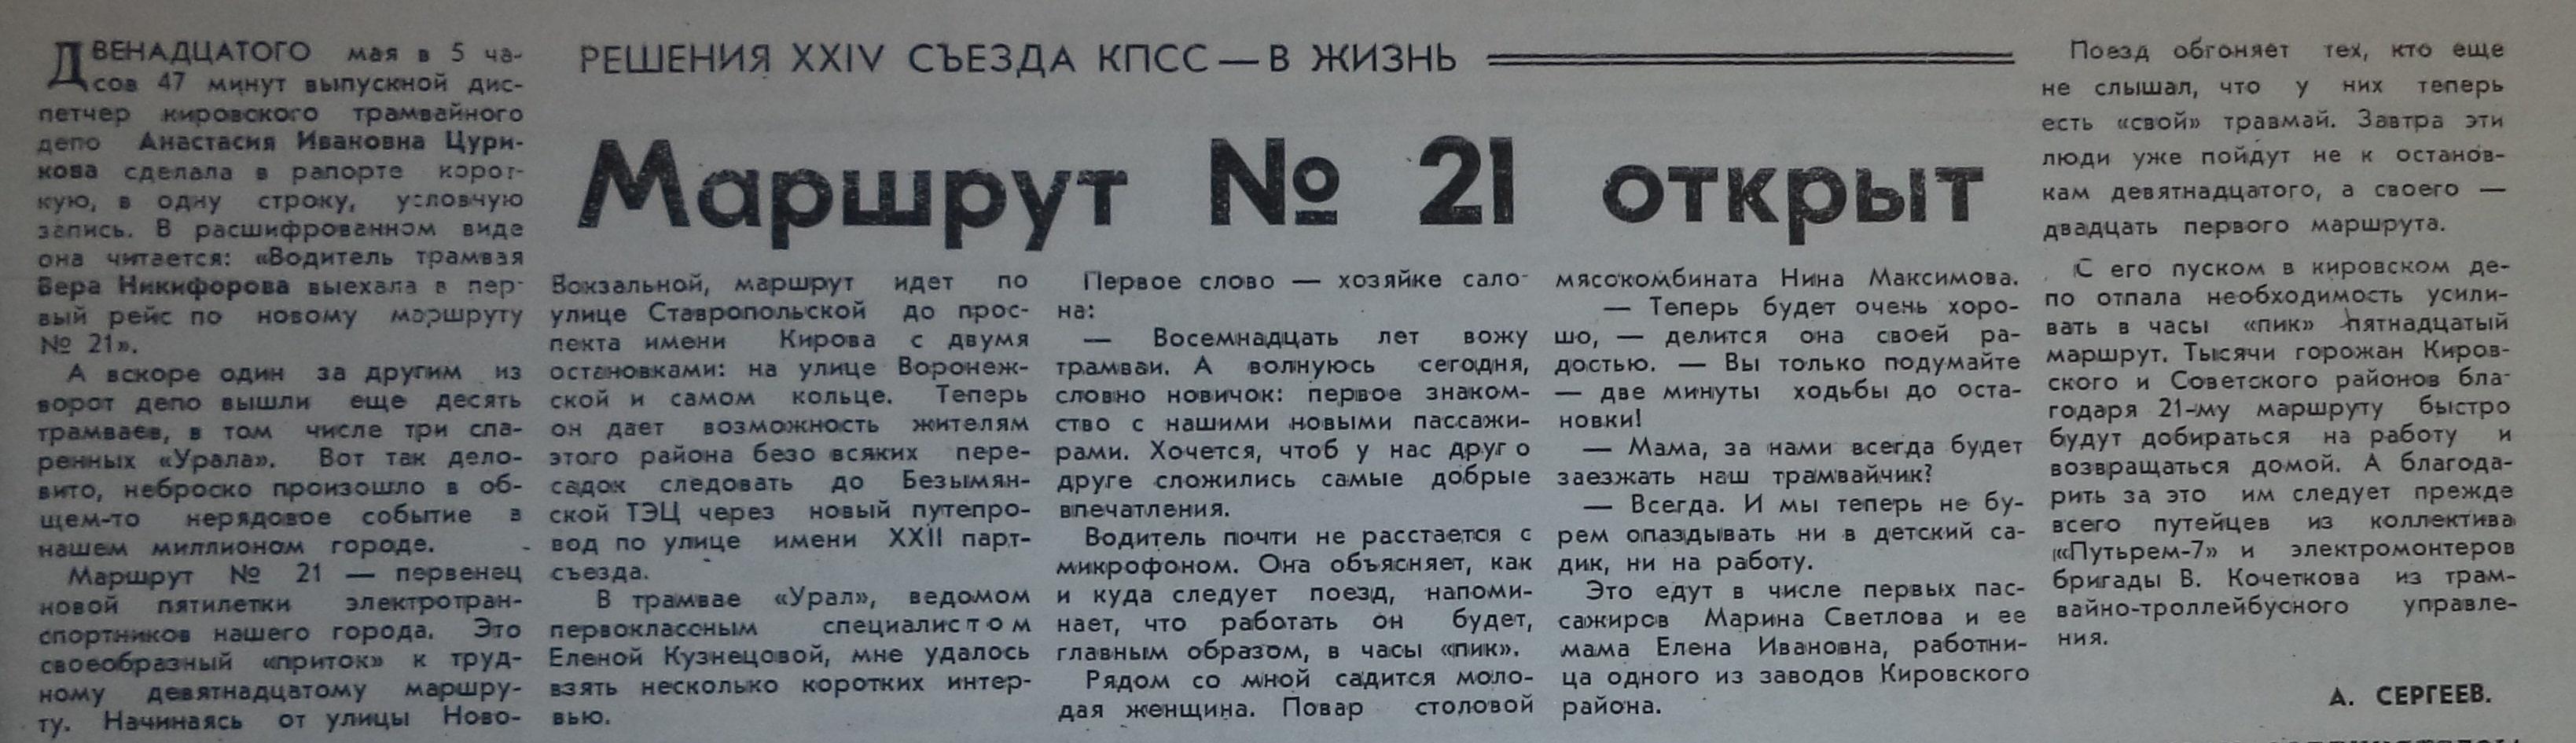 Ставропольская-ФОТО-19-ЗРР-1971-02-20-о пуске трамвая маршрута № 21-min